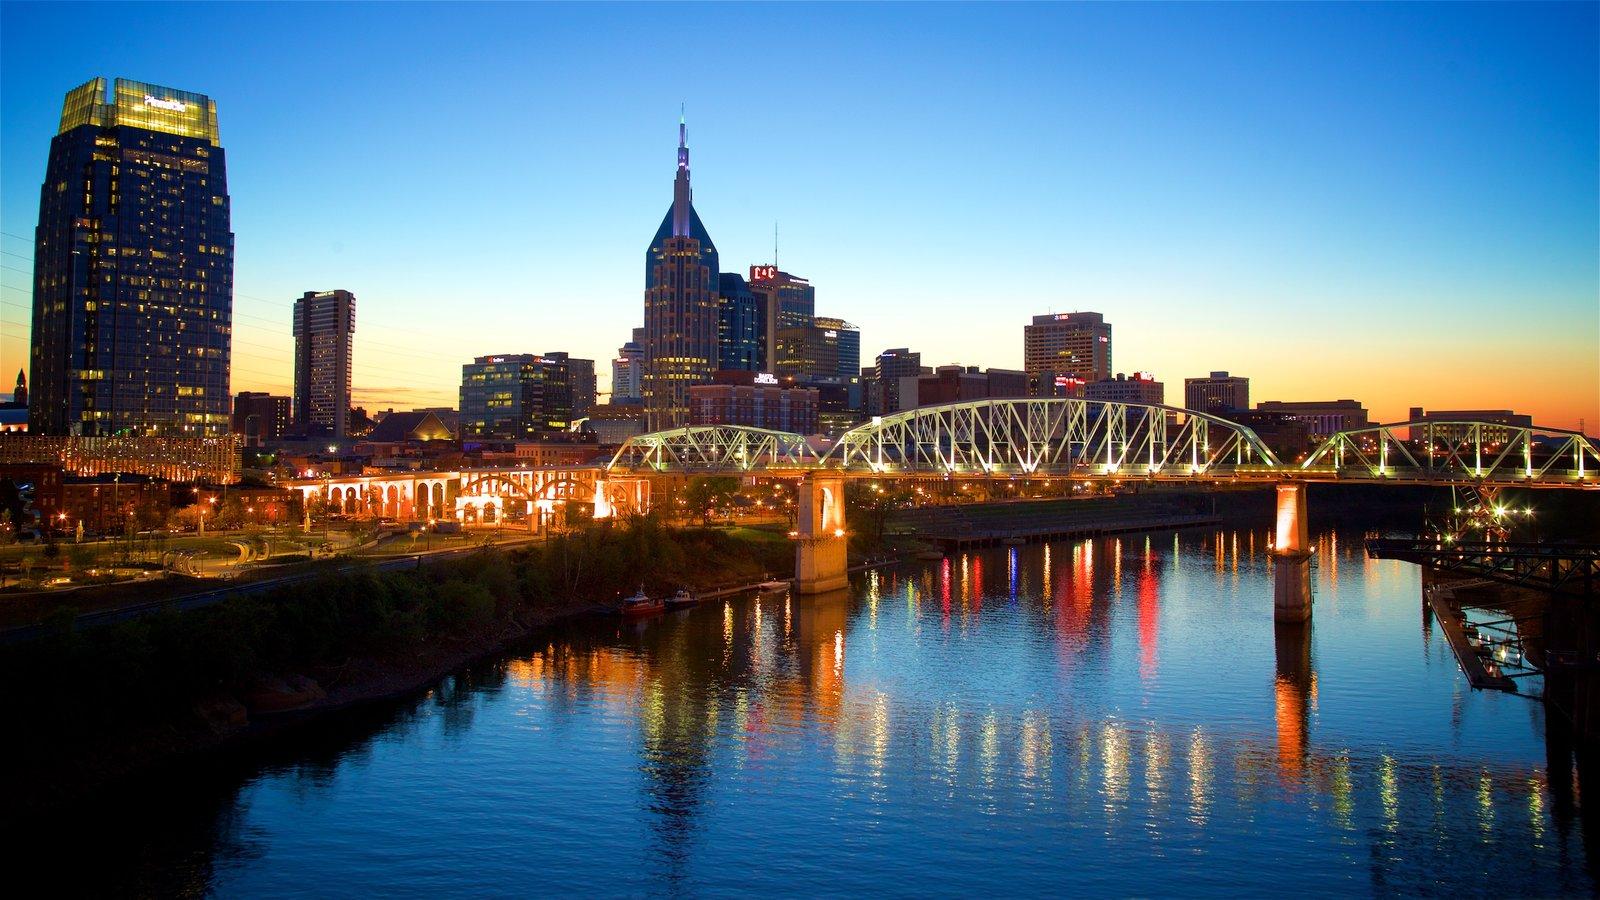 Nashville que incluye un puente, una puesta de sol y una ciudad